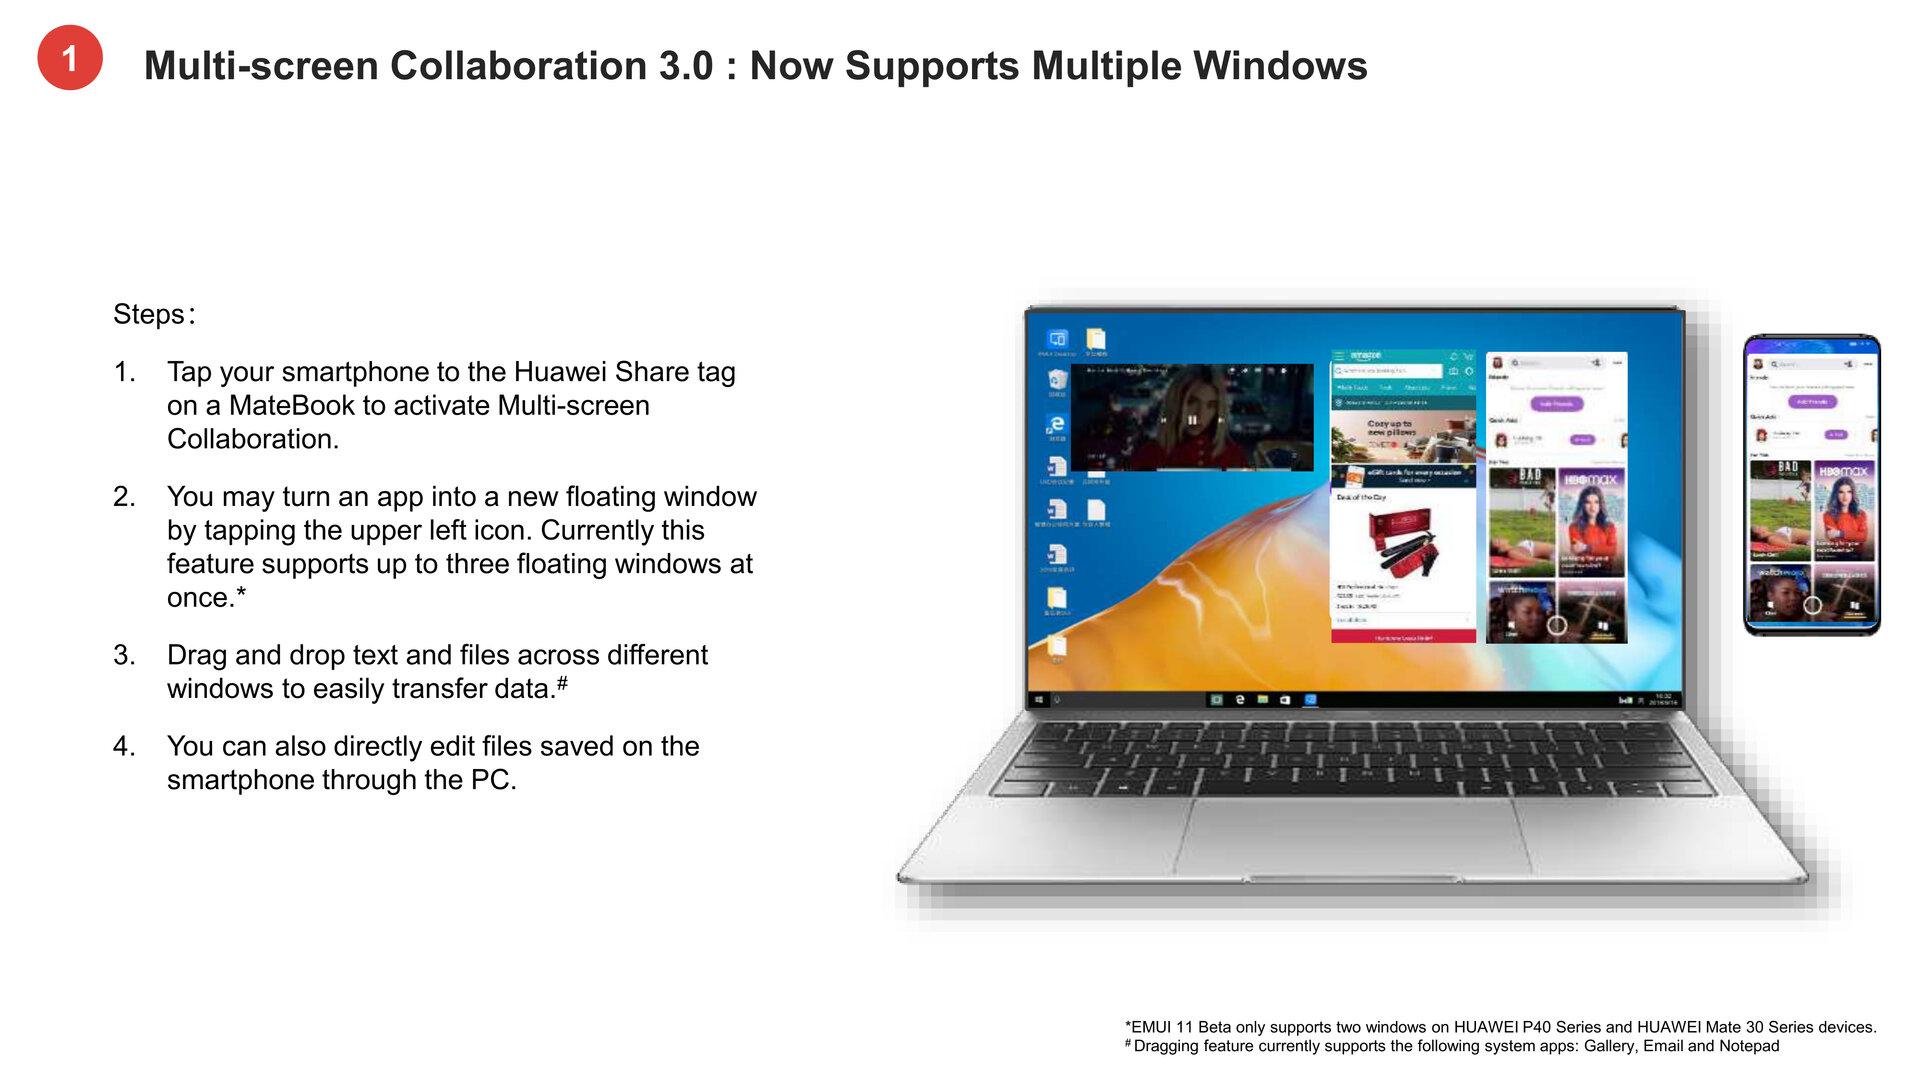 Multi-Screen-Colaboration mit mehreren Fenstern unter Windows 10